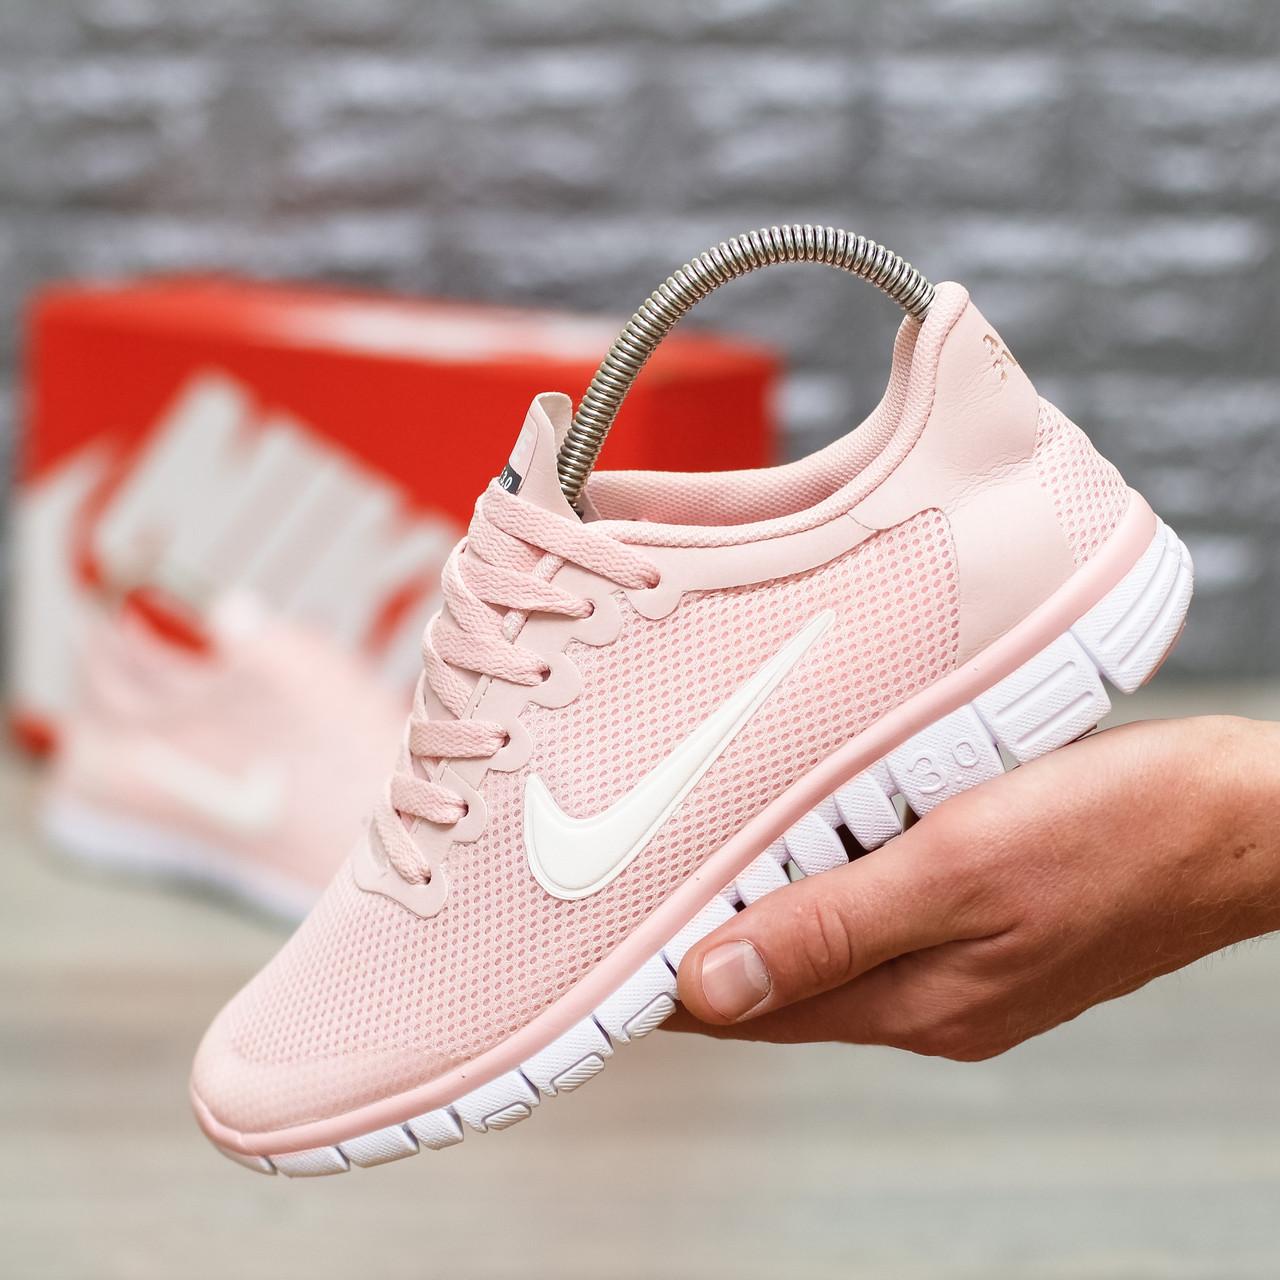 b593fb36 Кроссовки женские Nike Free Run 3.0 в стиле Найк Фри Ран, тектсиль, текстиль  код